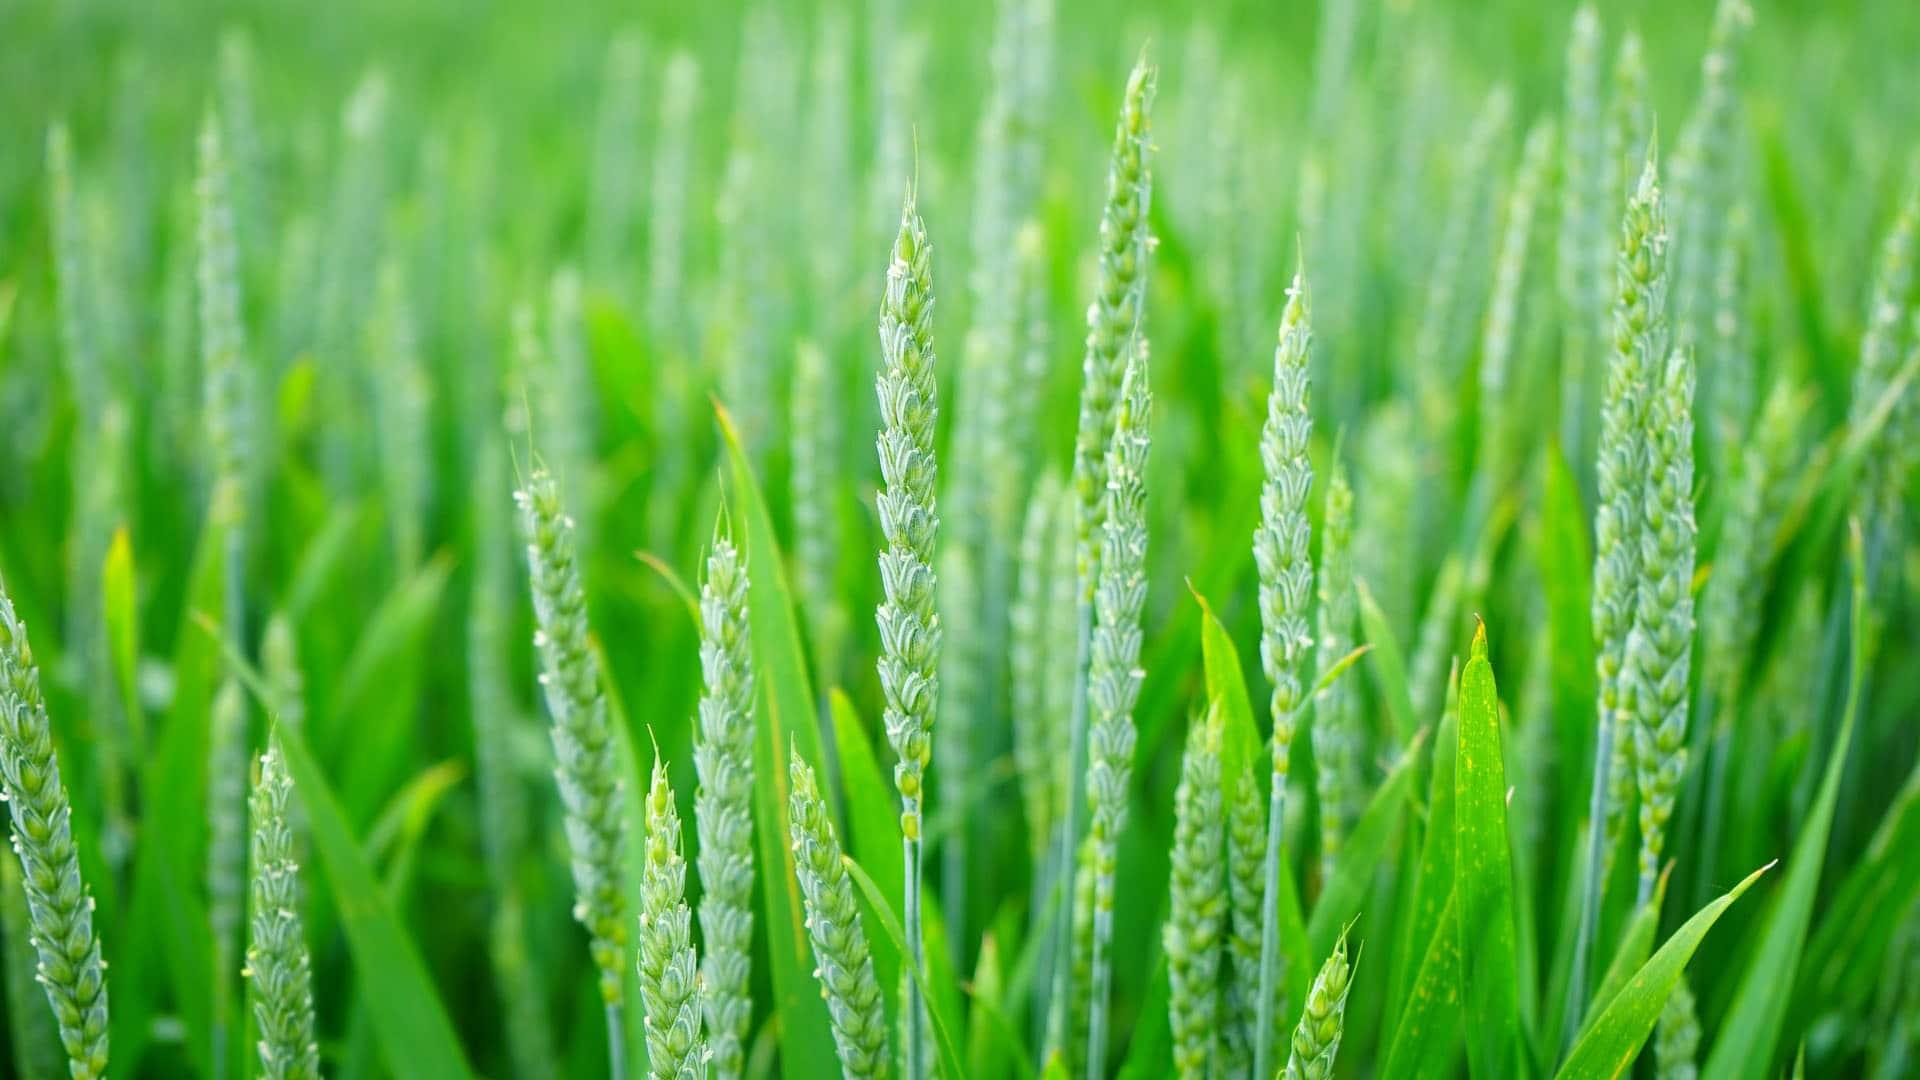 Wheatgrass (Thinopyrum Intermedium)